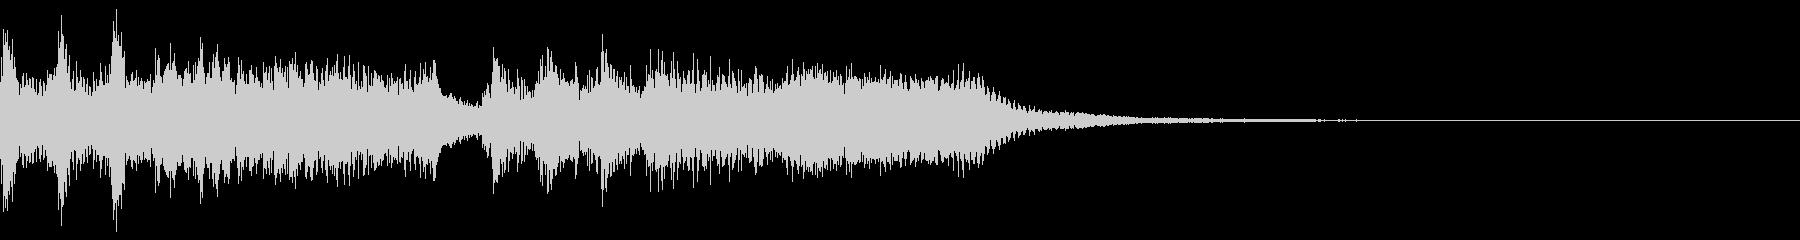 効果音入りのベートーベン「運命」の未再生の波形